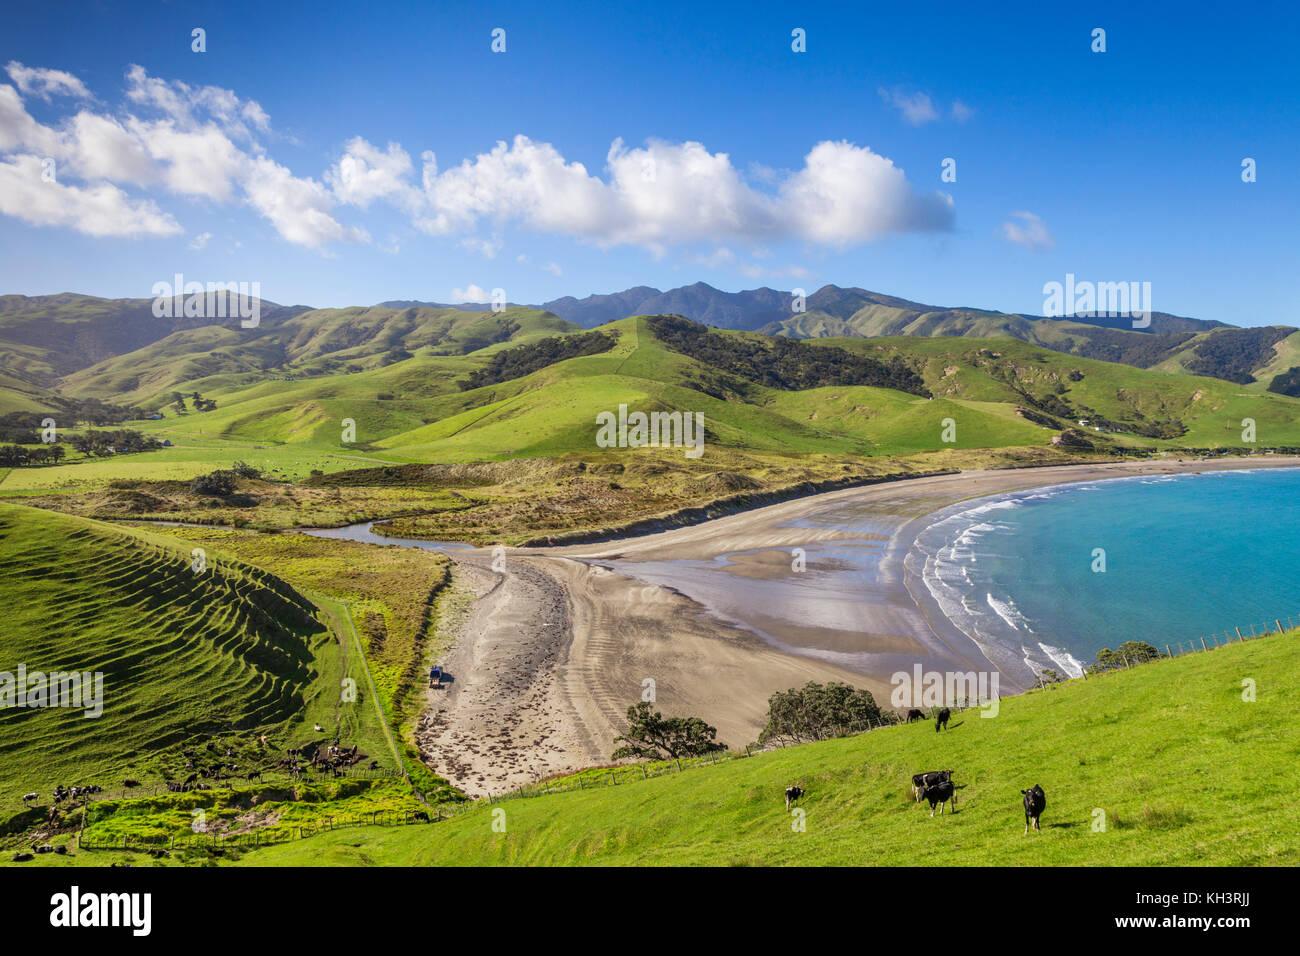 Die grünen Hügeln der Coromandel Halbinsel in Port Jackson, Neuseeland. Stockfoto